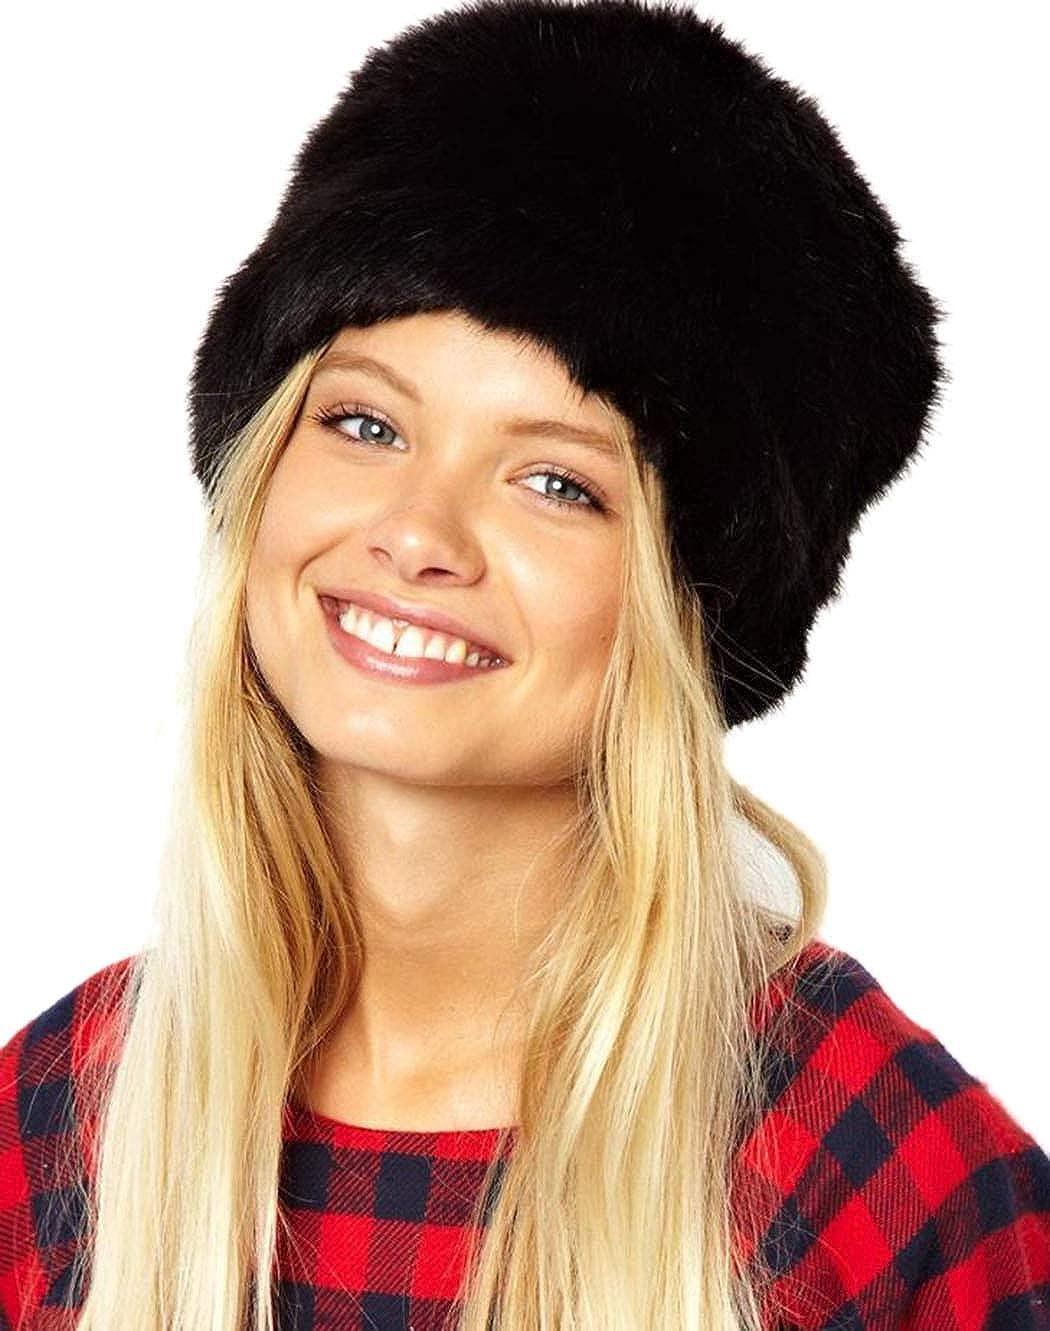 DreamyDesign Fellmü tze Pelzmü tze Damen Faux Fuchs Pelz Warm russischen Hut in Einer Auswahl von Farbenmü tze Wintermü tze